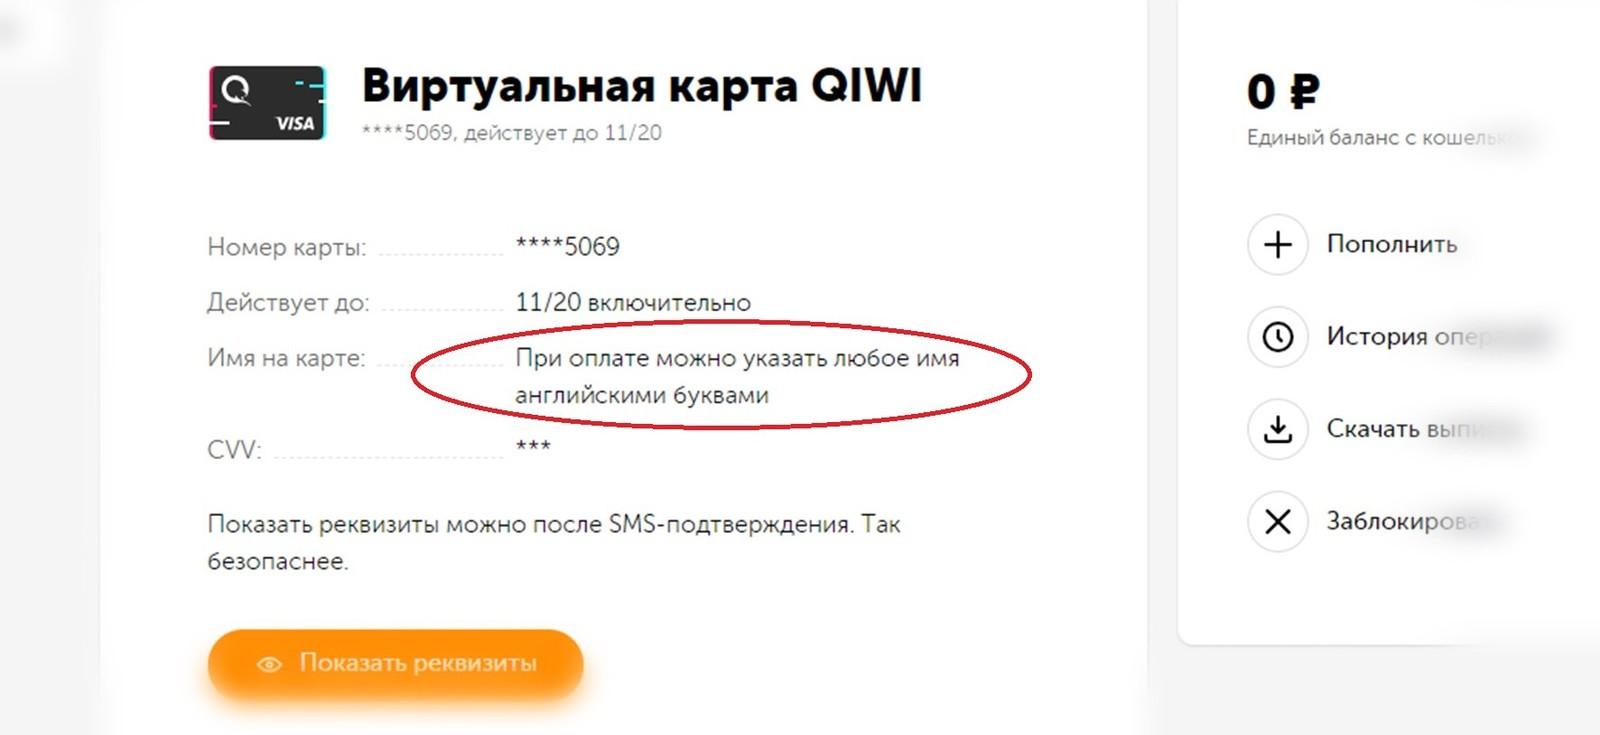 Отзывы о работе в компании КПК Кредит доверия Россия.